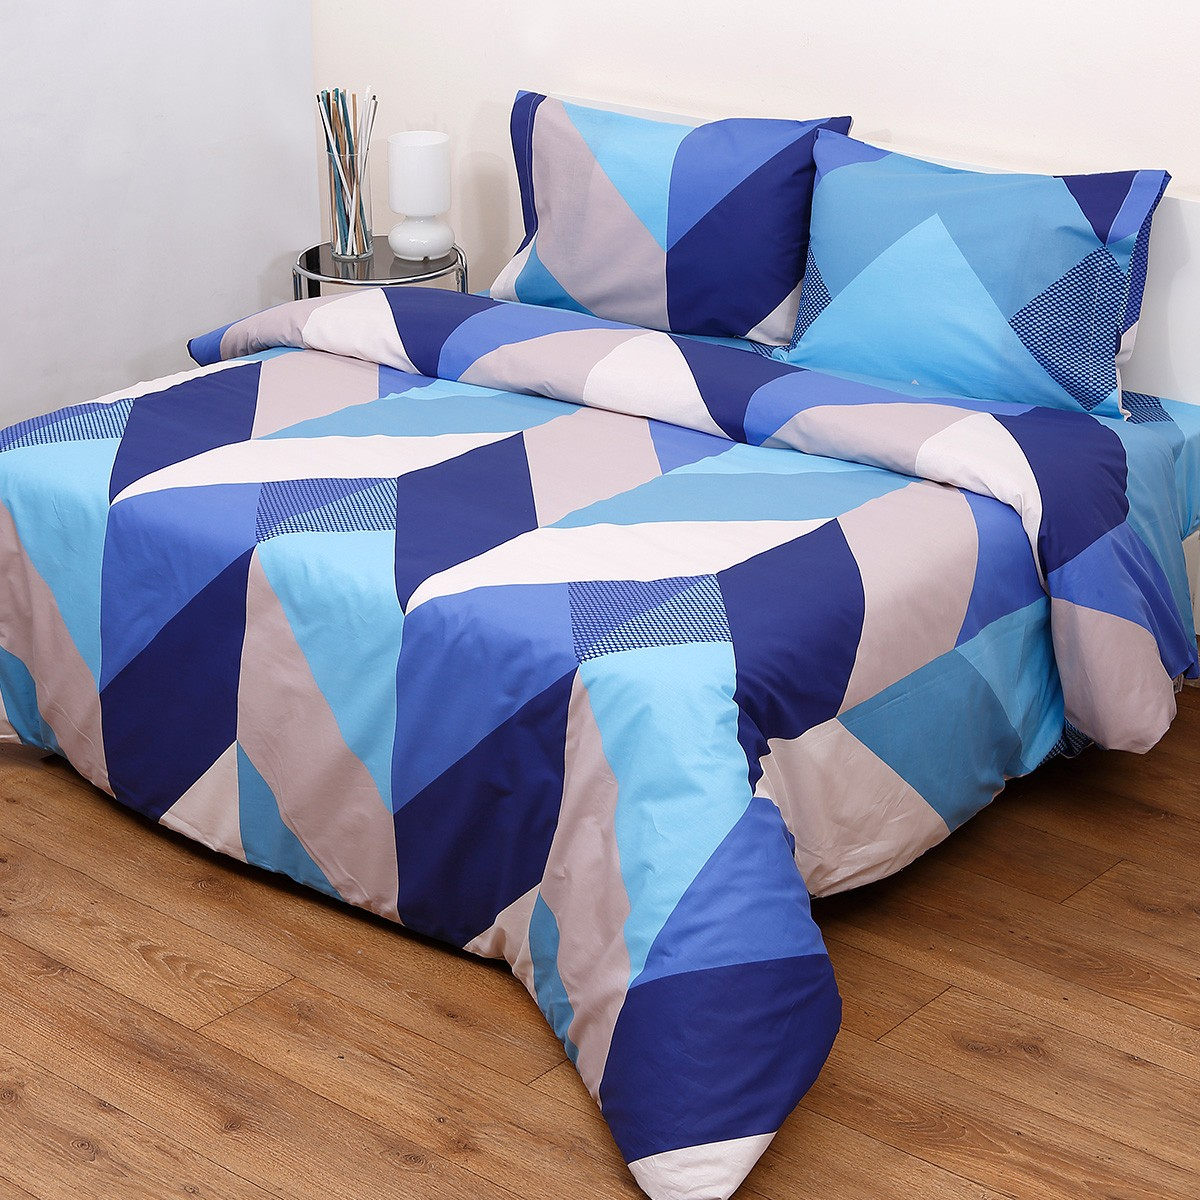 Σεντόνια Ημίδιπλα (Σετ) Viopros Fresh Ένζο Μπλε